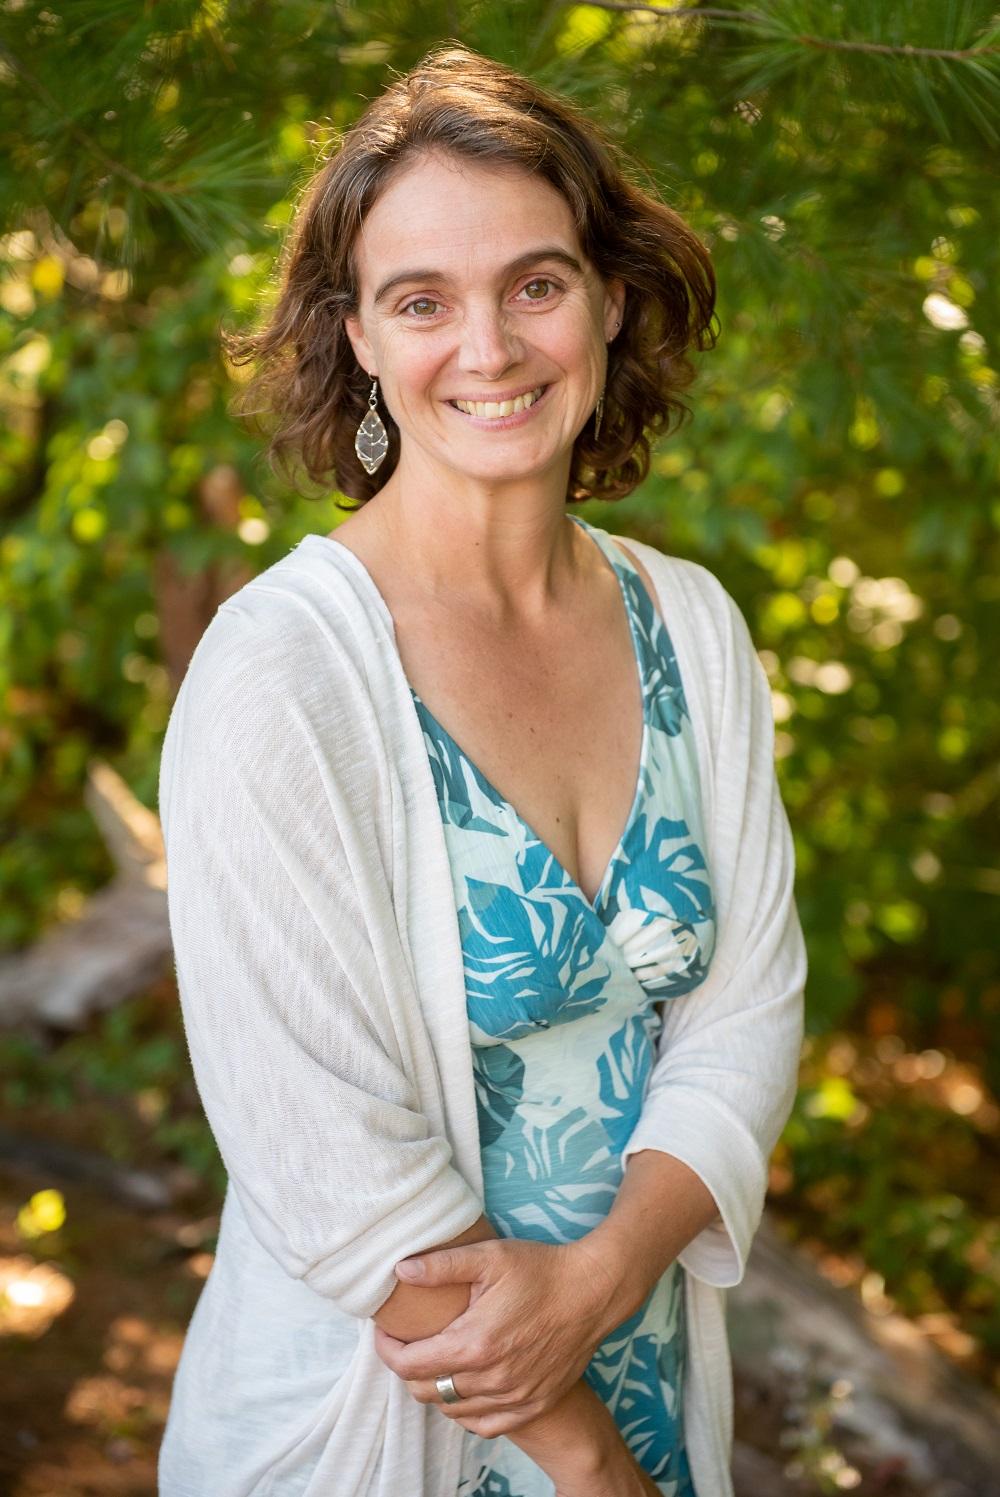 Jeny Randall